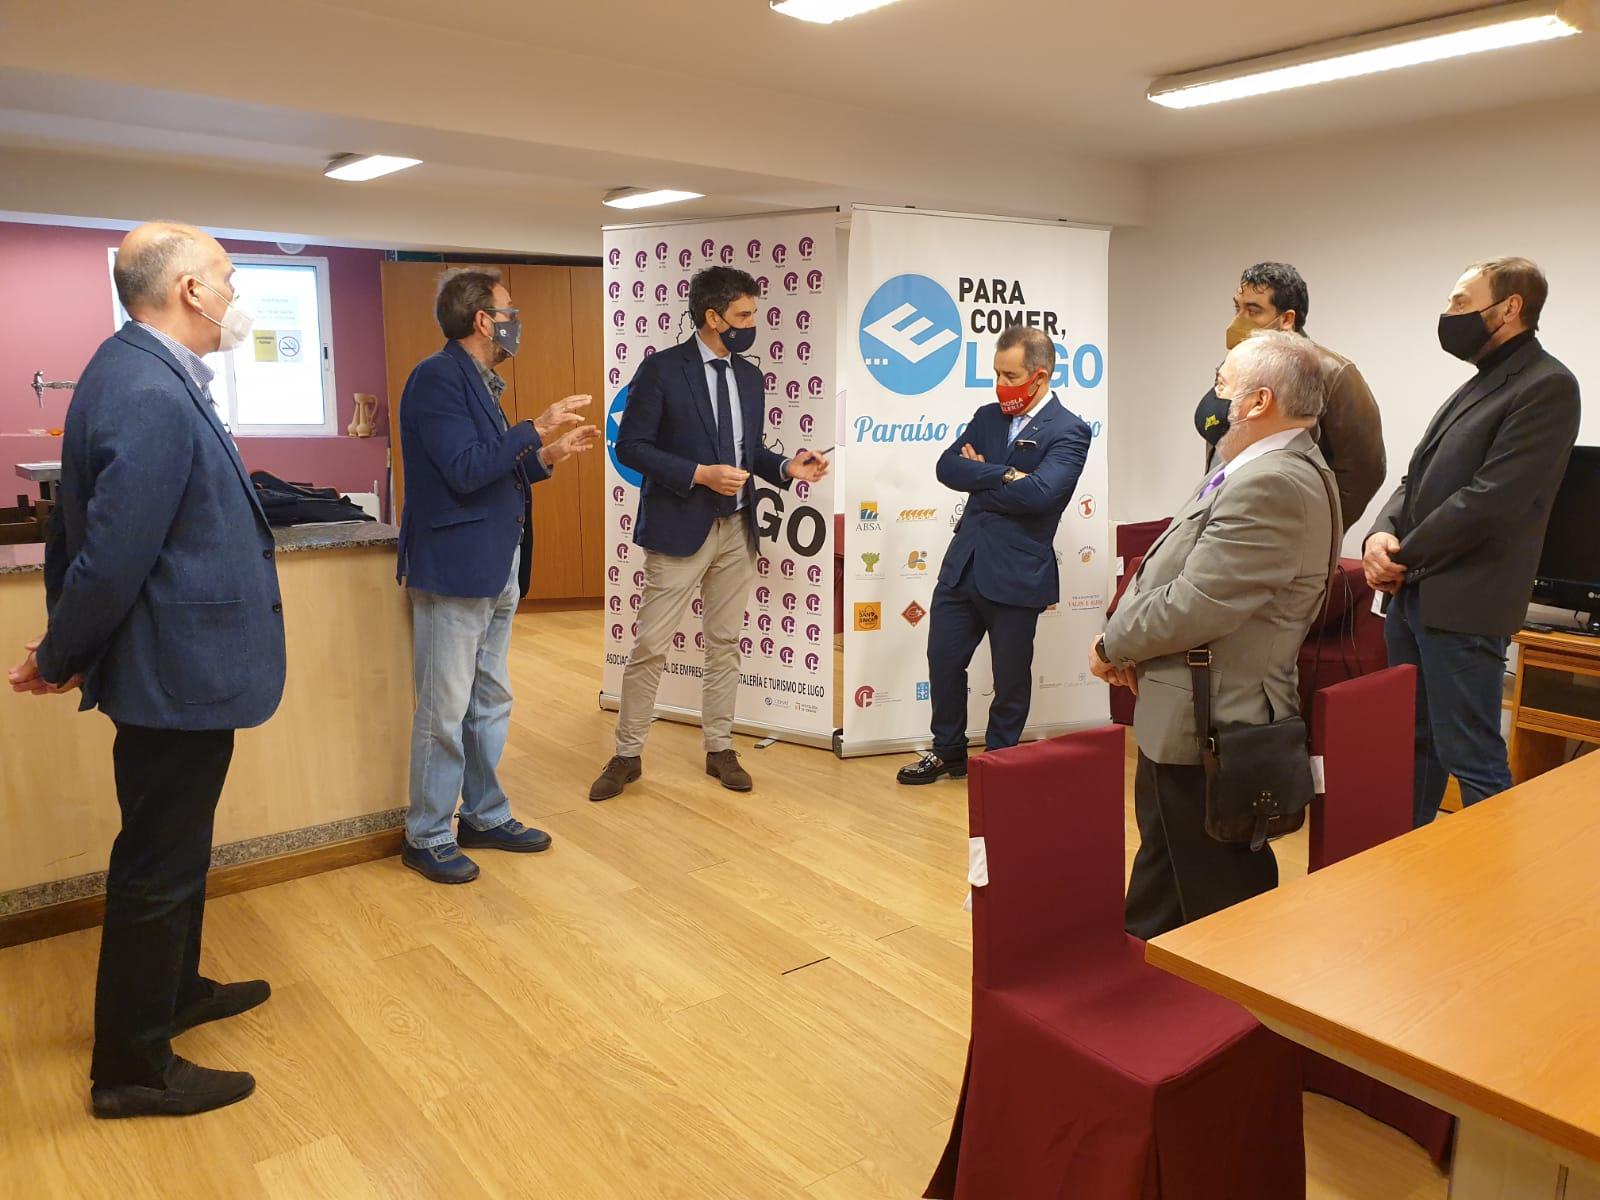 A nova directiva da asociación de hostaleiros da provincia coñece as axudas e proxectos da Xunta para recuperar o sector